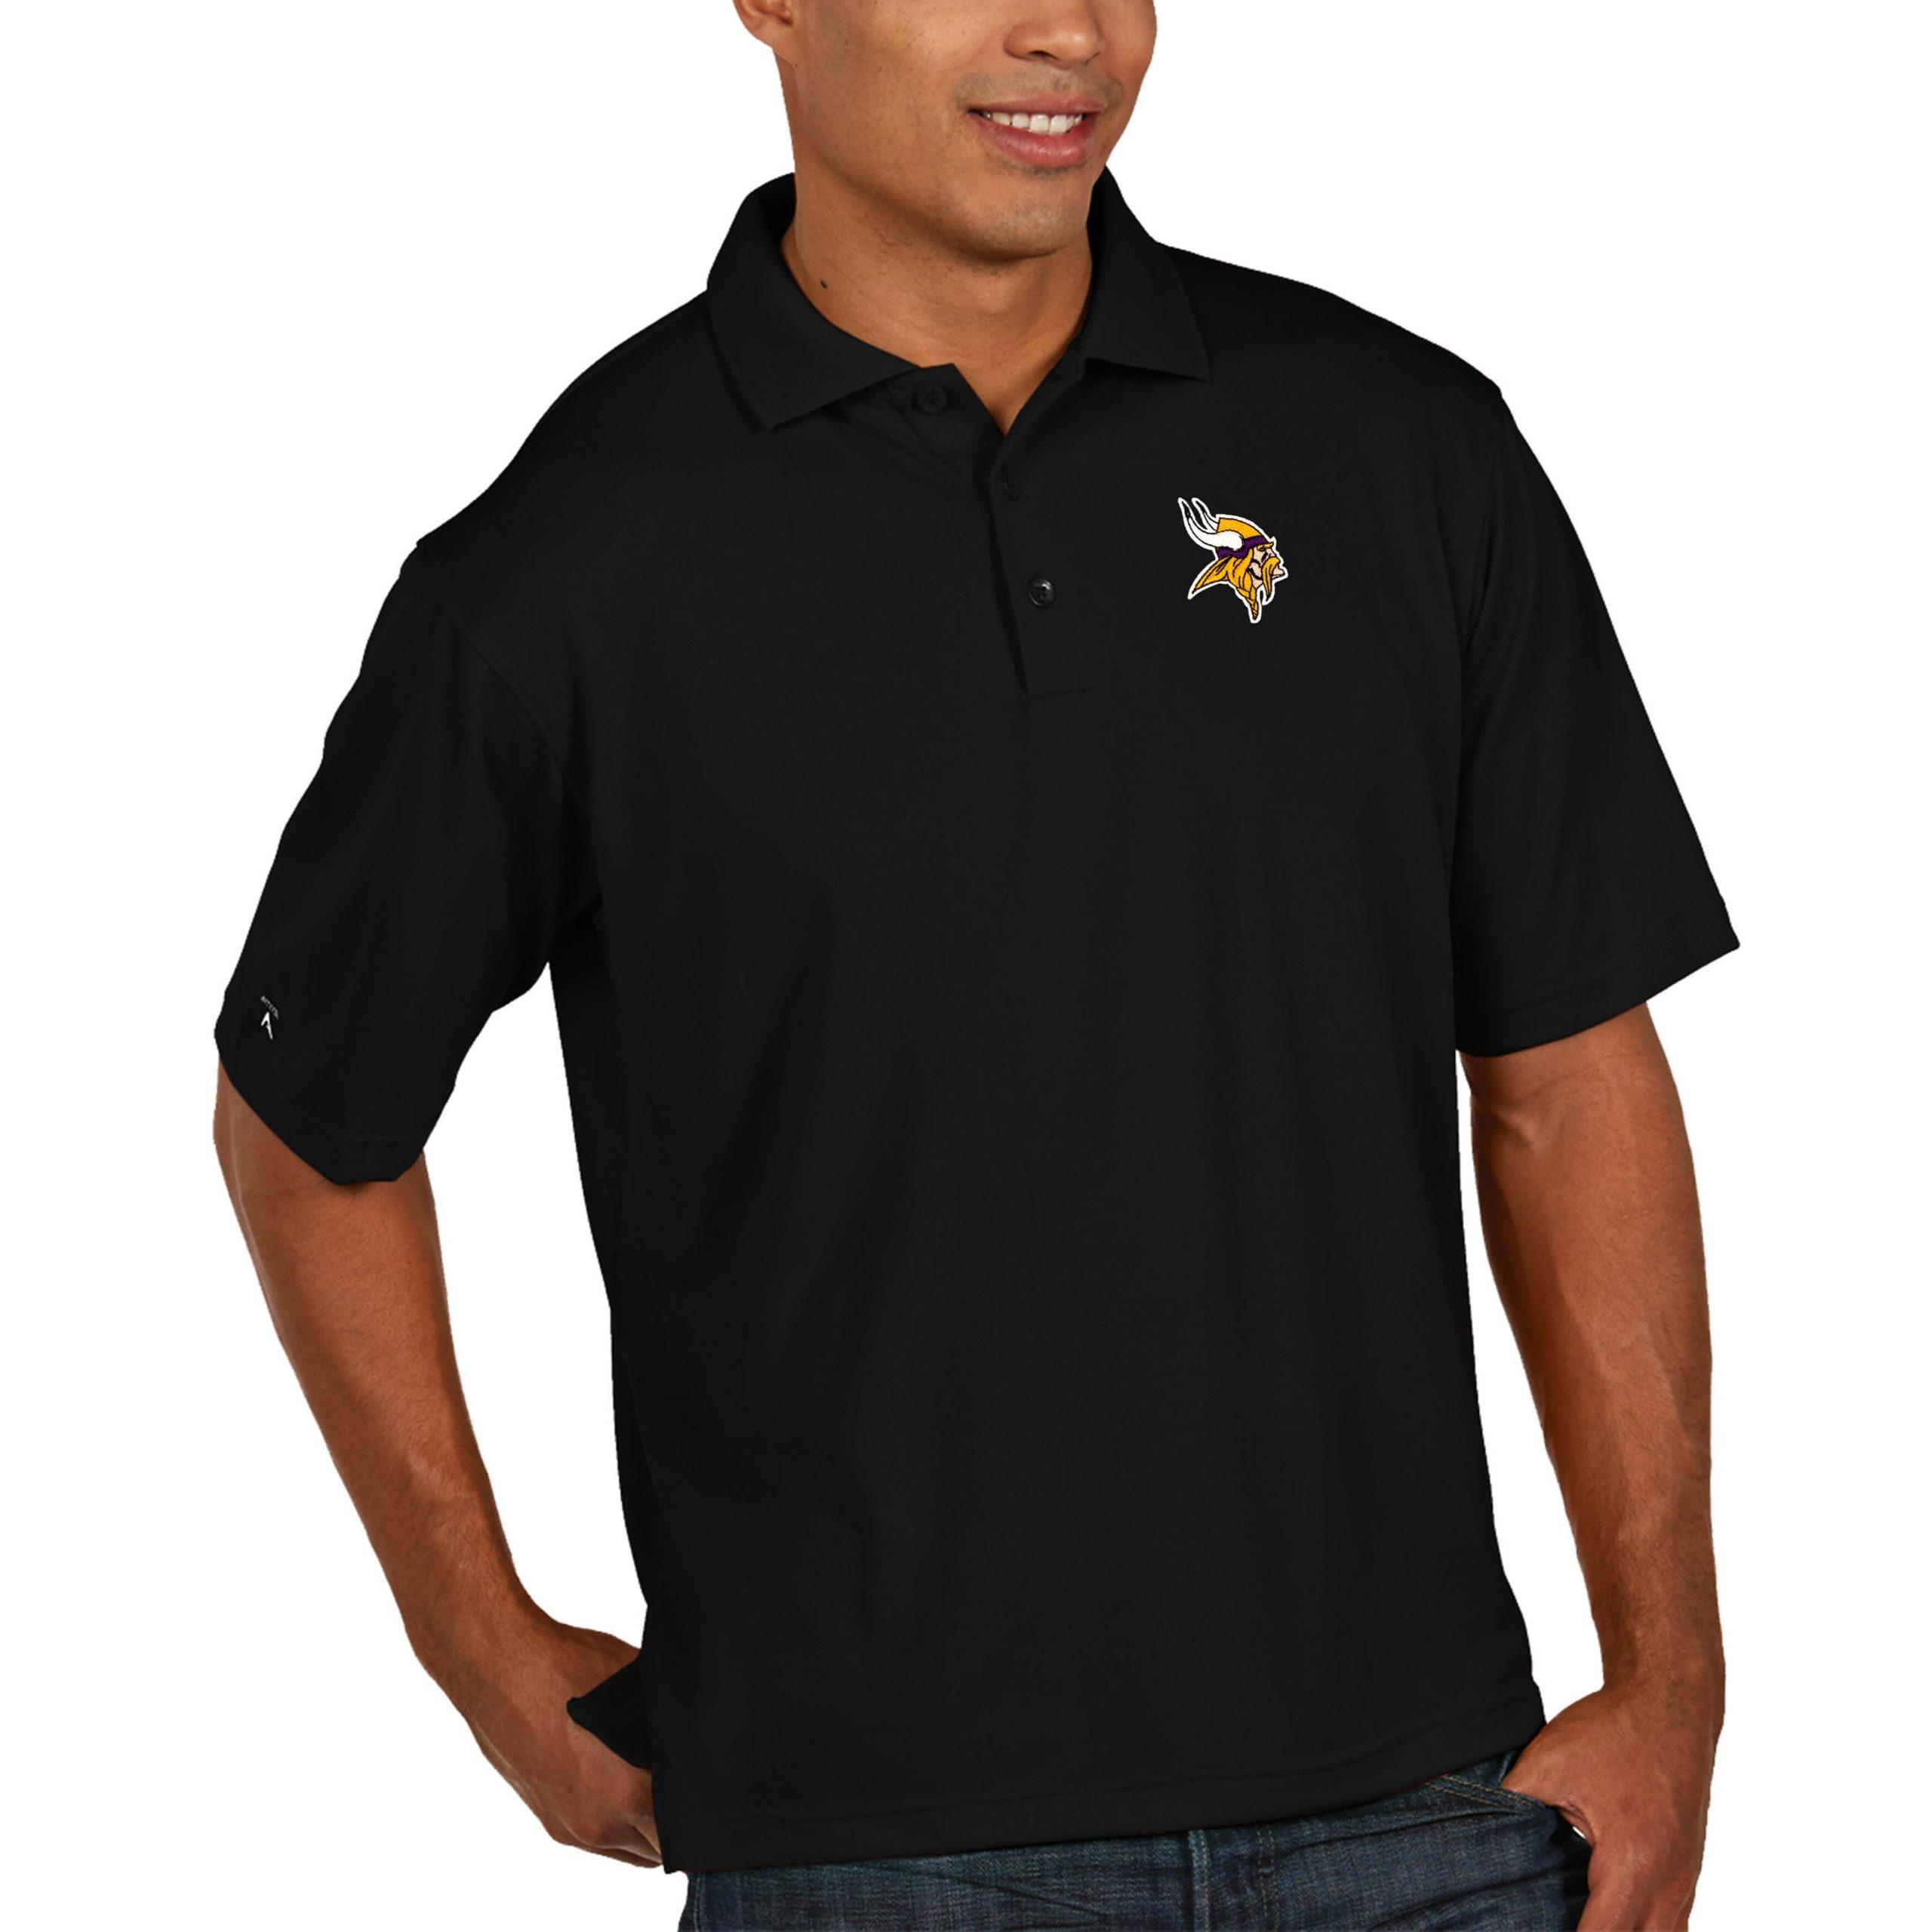 Minnesota Vikings Antigua Pique Xtra Lite Big & Tall Polo - Black